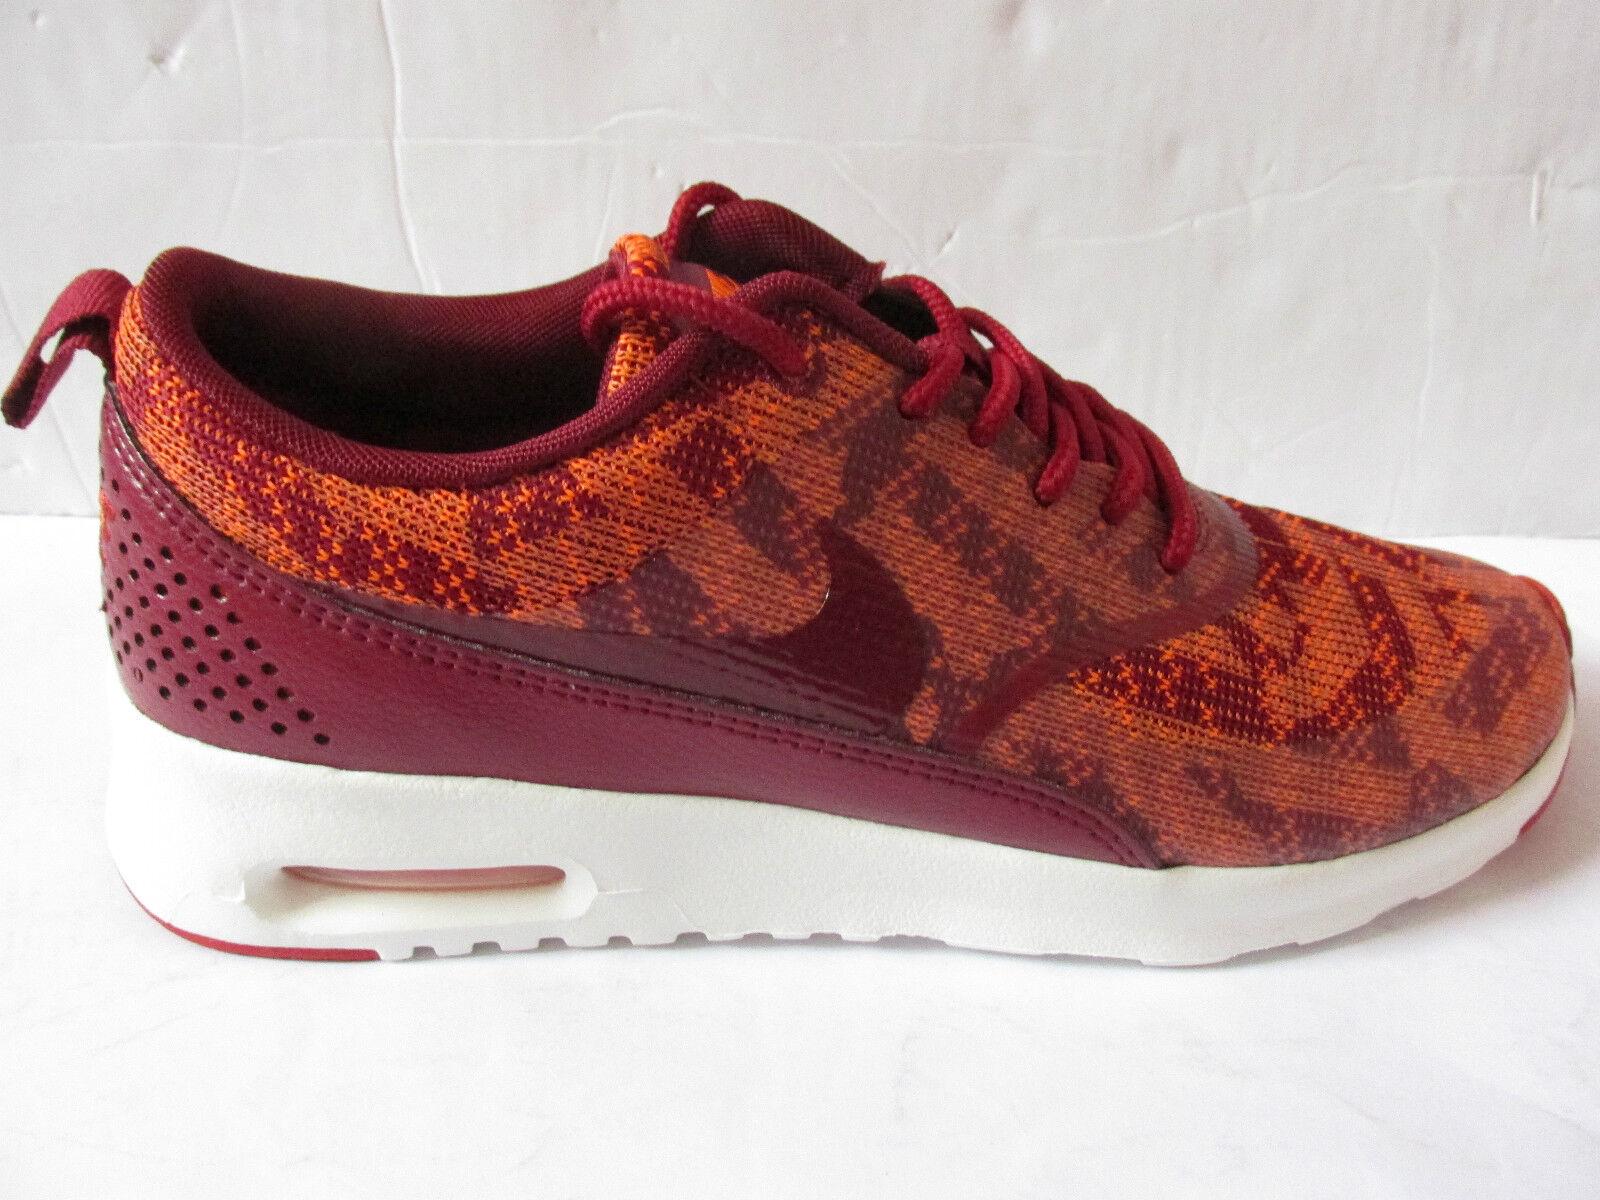 nike air max femmes thea jrcrd femmes max formateurs 718646 600 chaussures chaussures courir 7e245c